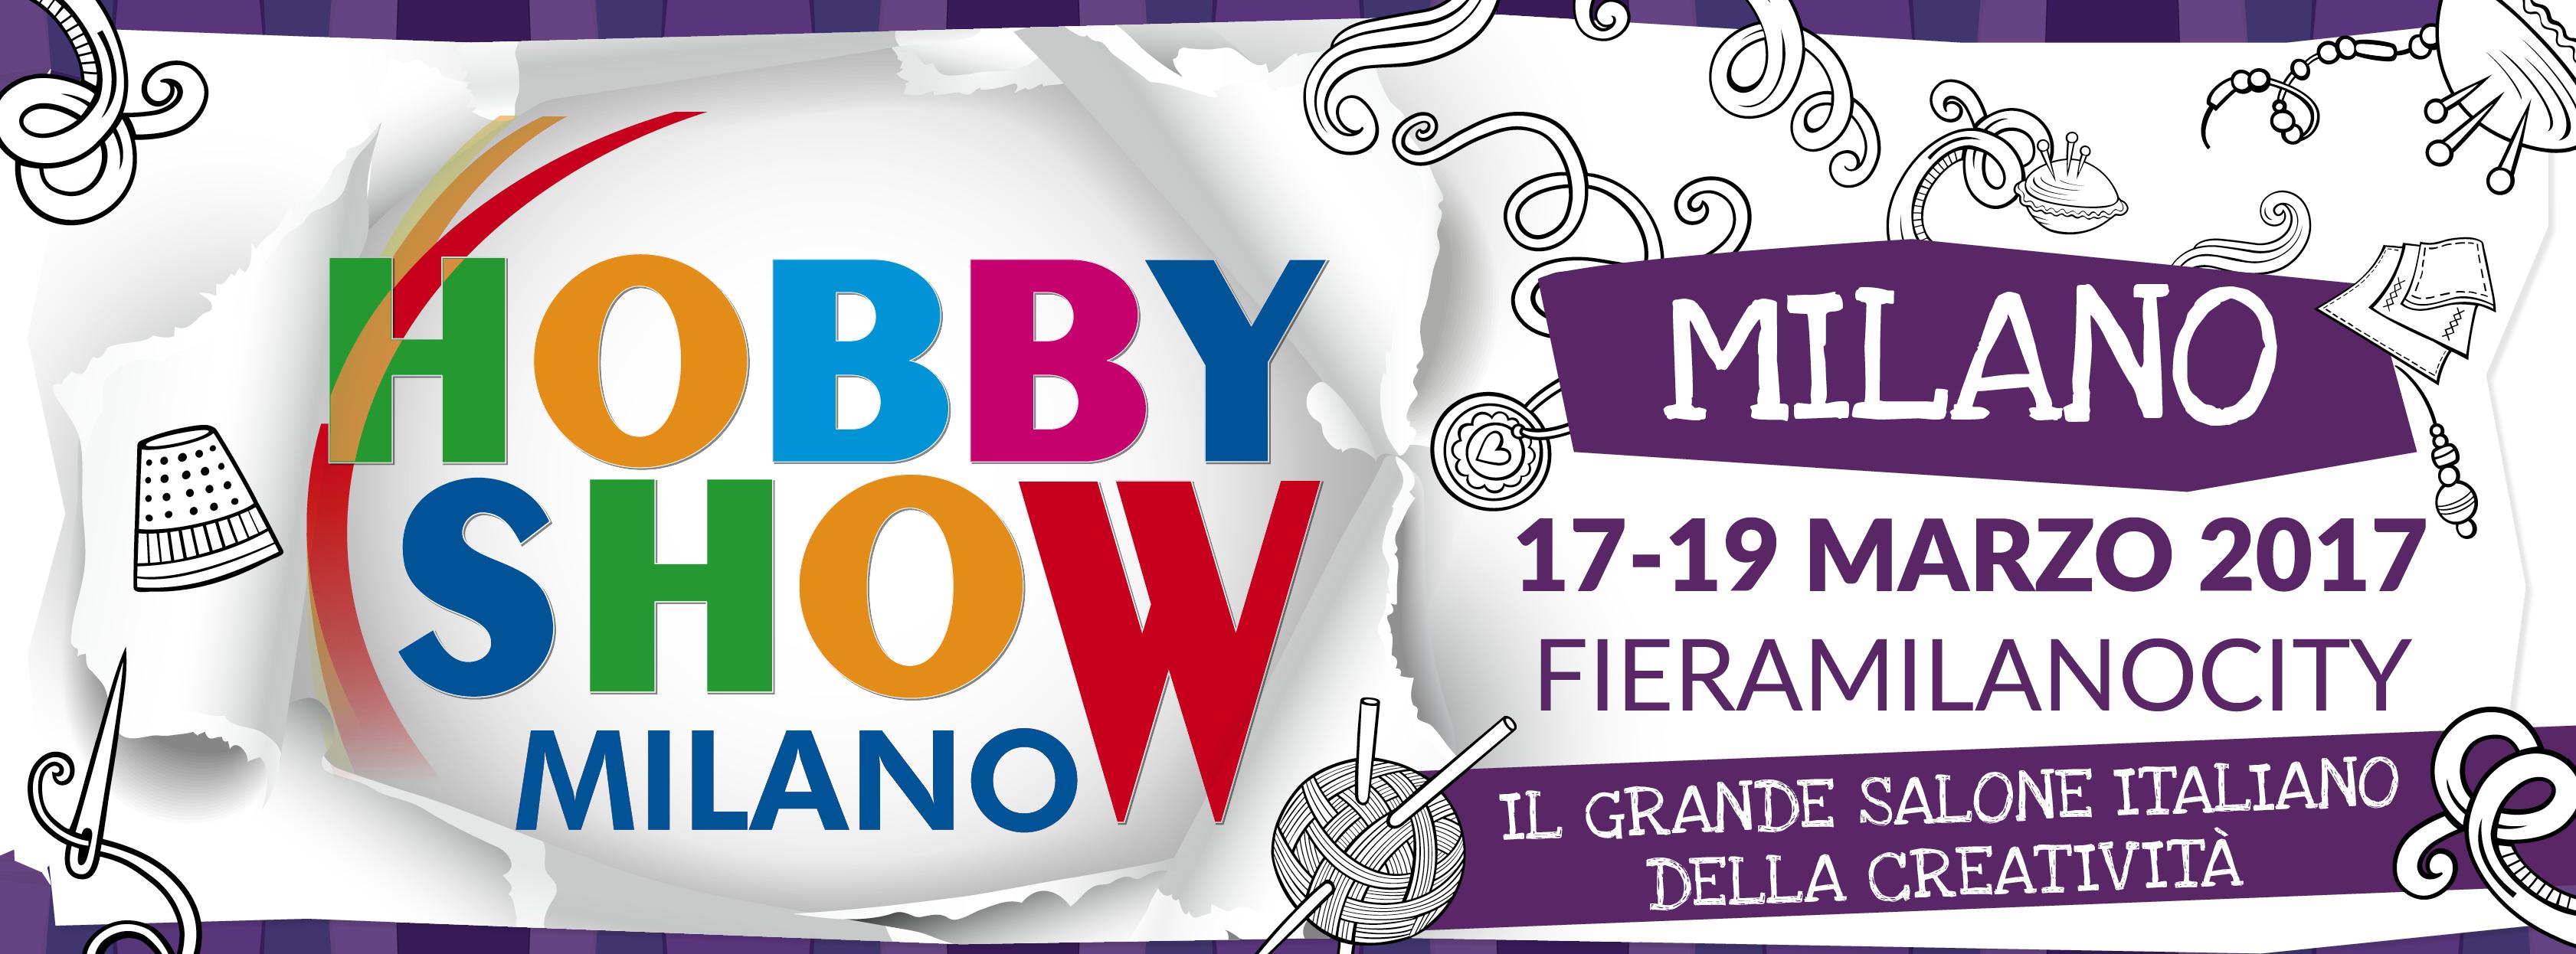 Hobby Show Milano Intro